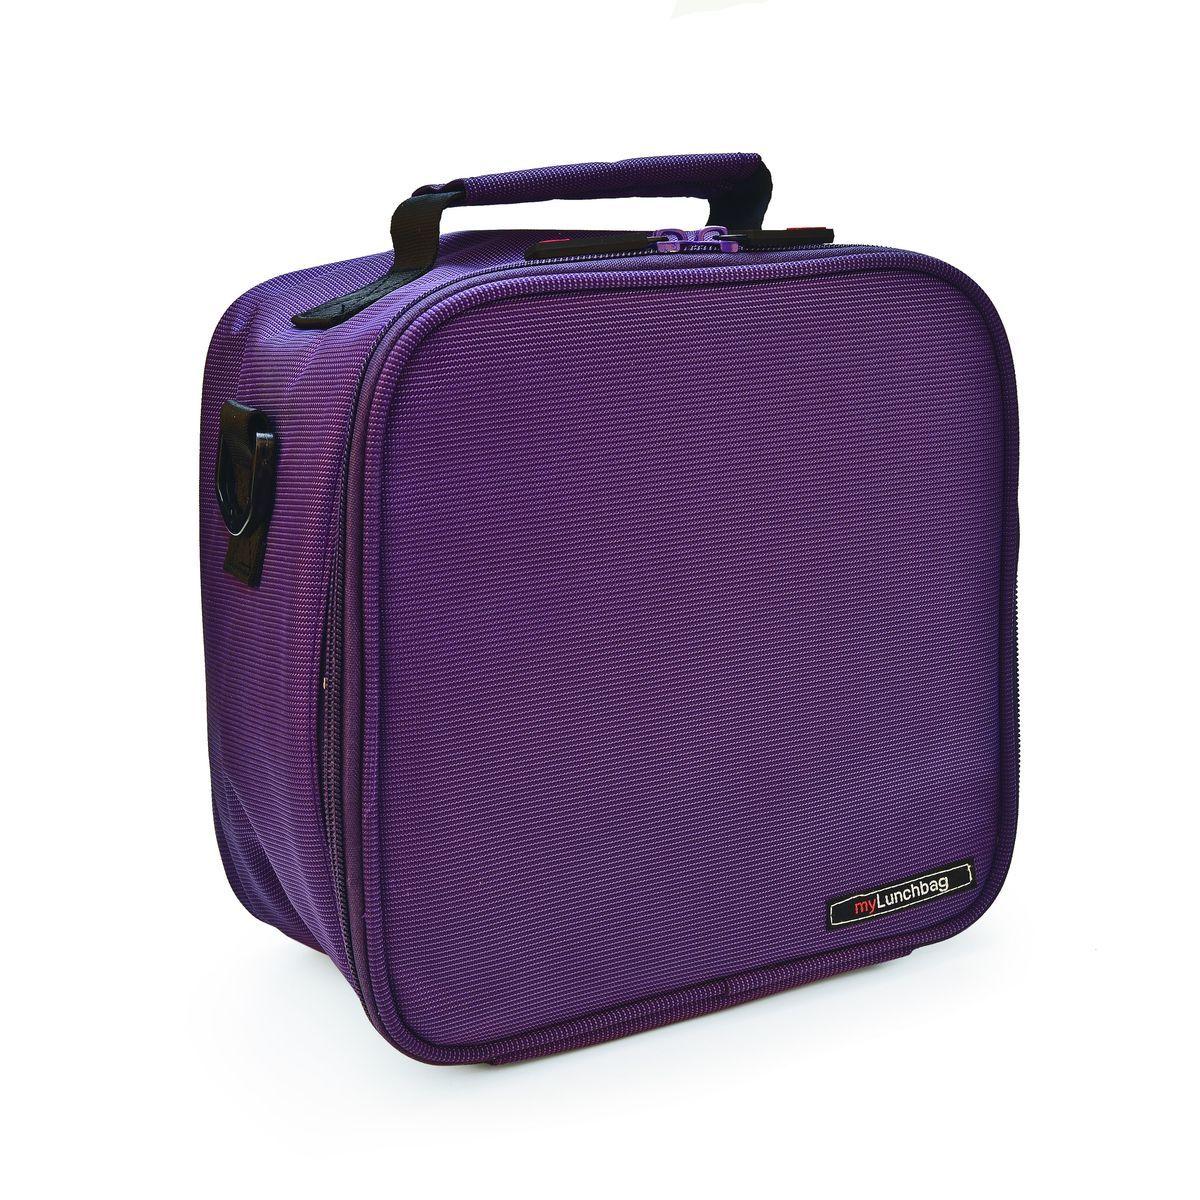 """Ланч-бокс Iris """"Basic MyLunchbag"""", цвет: фиолетовый, 3,8 л, Iris Barcelona"""